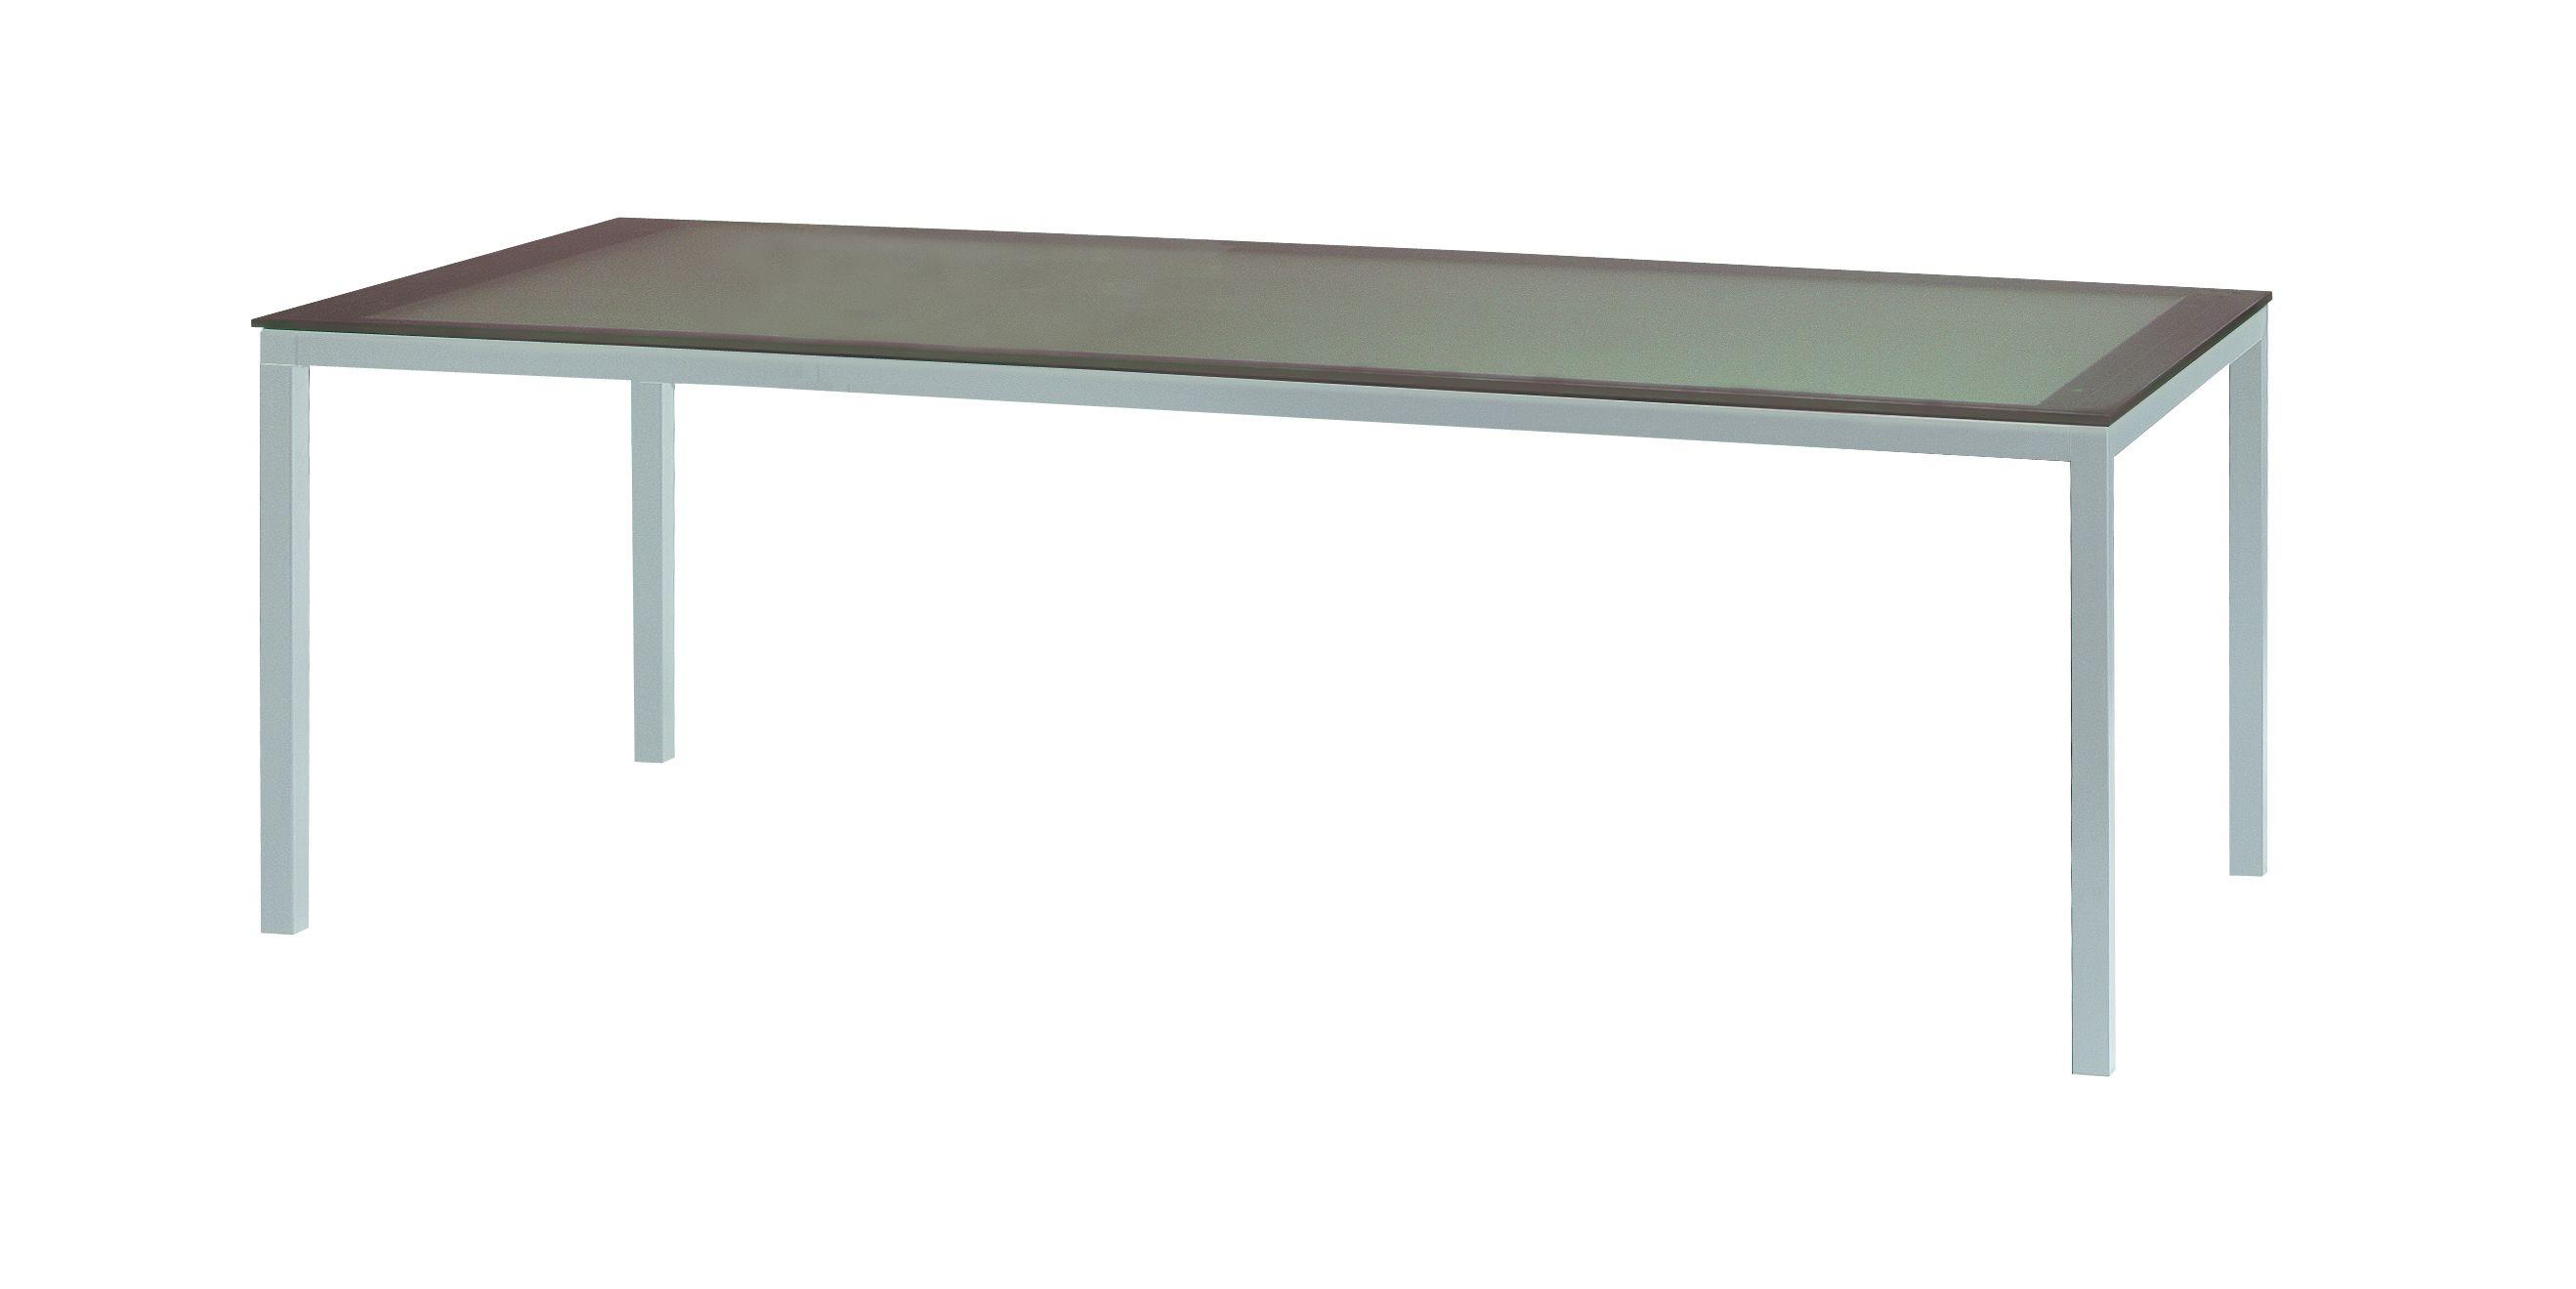 prodotti 33277 vrel167650ef 4a47 4935 8b43 7c557a1678f4 18 Bon Marché Petite Table Rectangulaire Ldkt